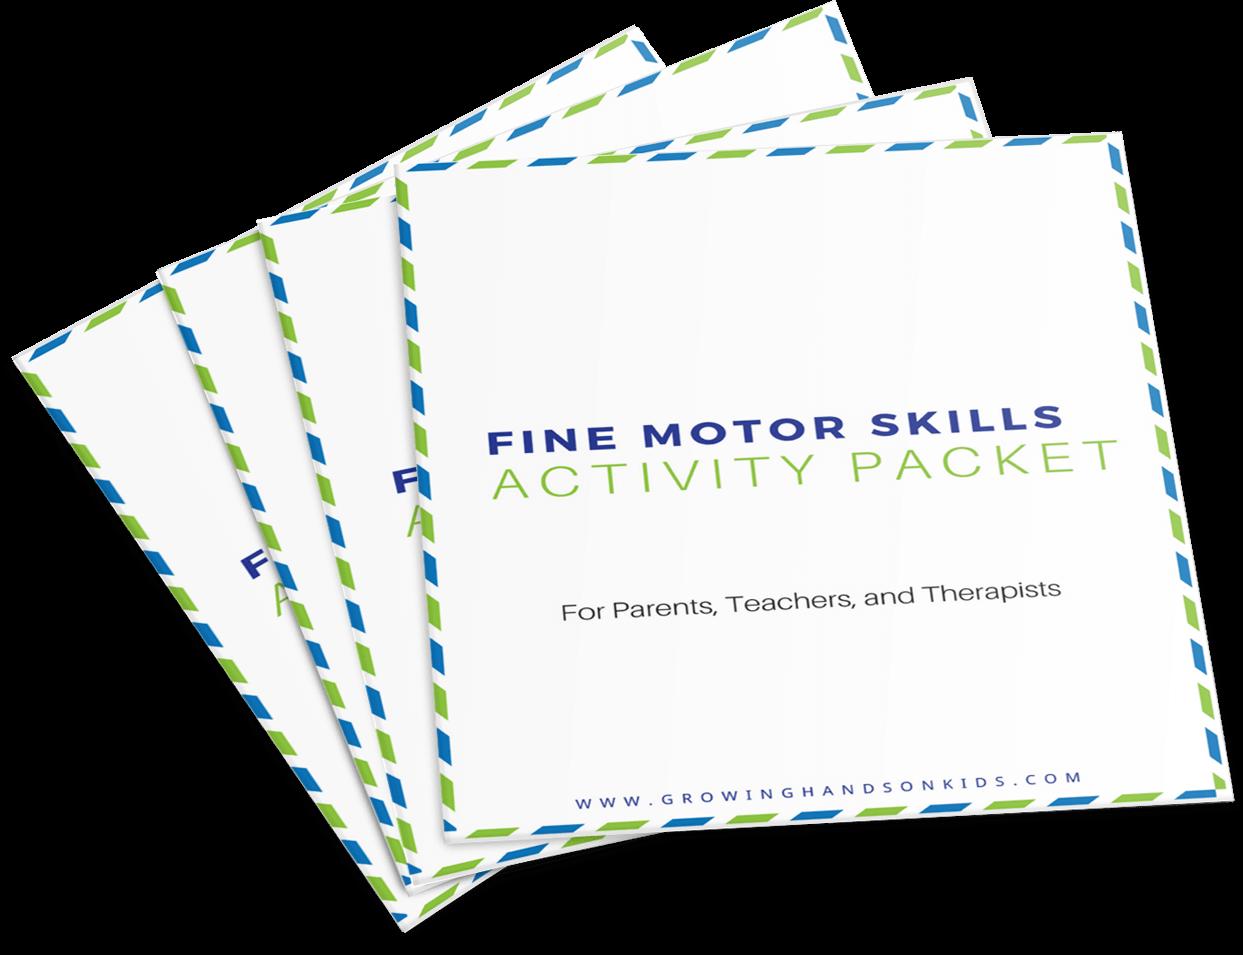 Fine Motor Skills Activity Packet